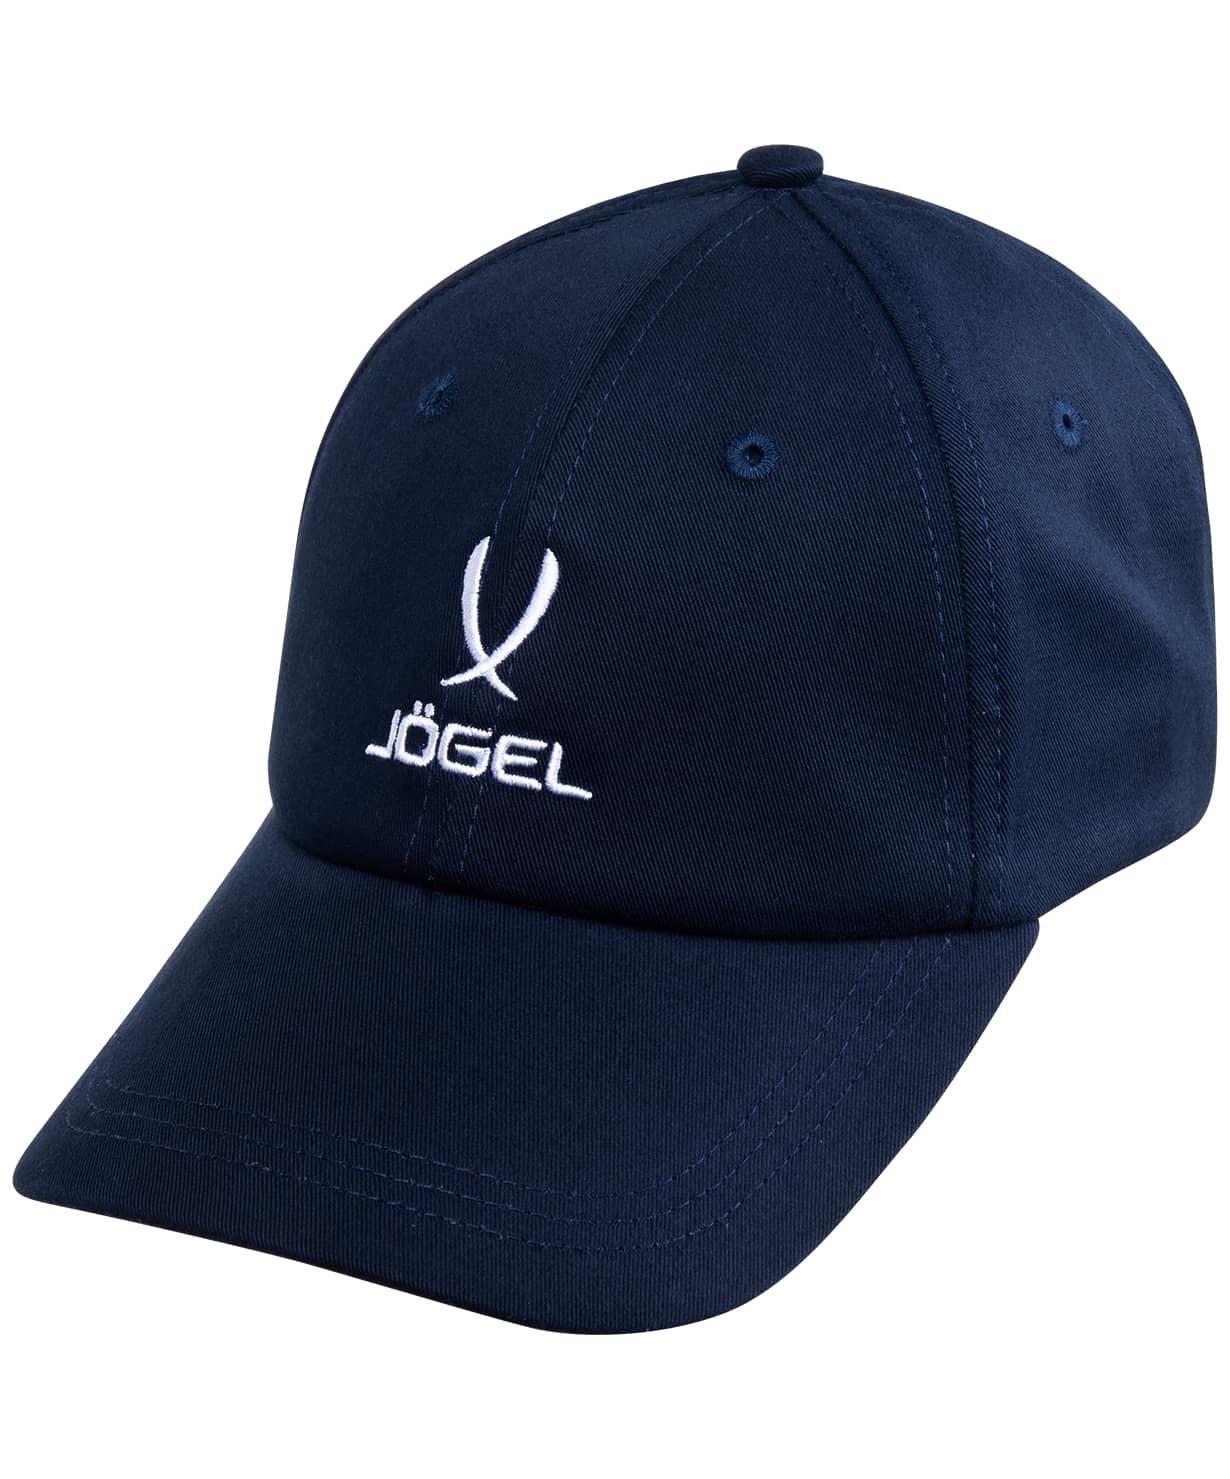 Бейсболка ESSENTIAL Classic Logo Cap, темно-синий